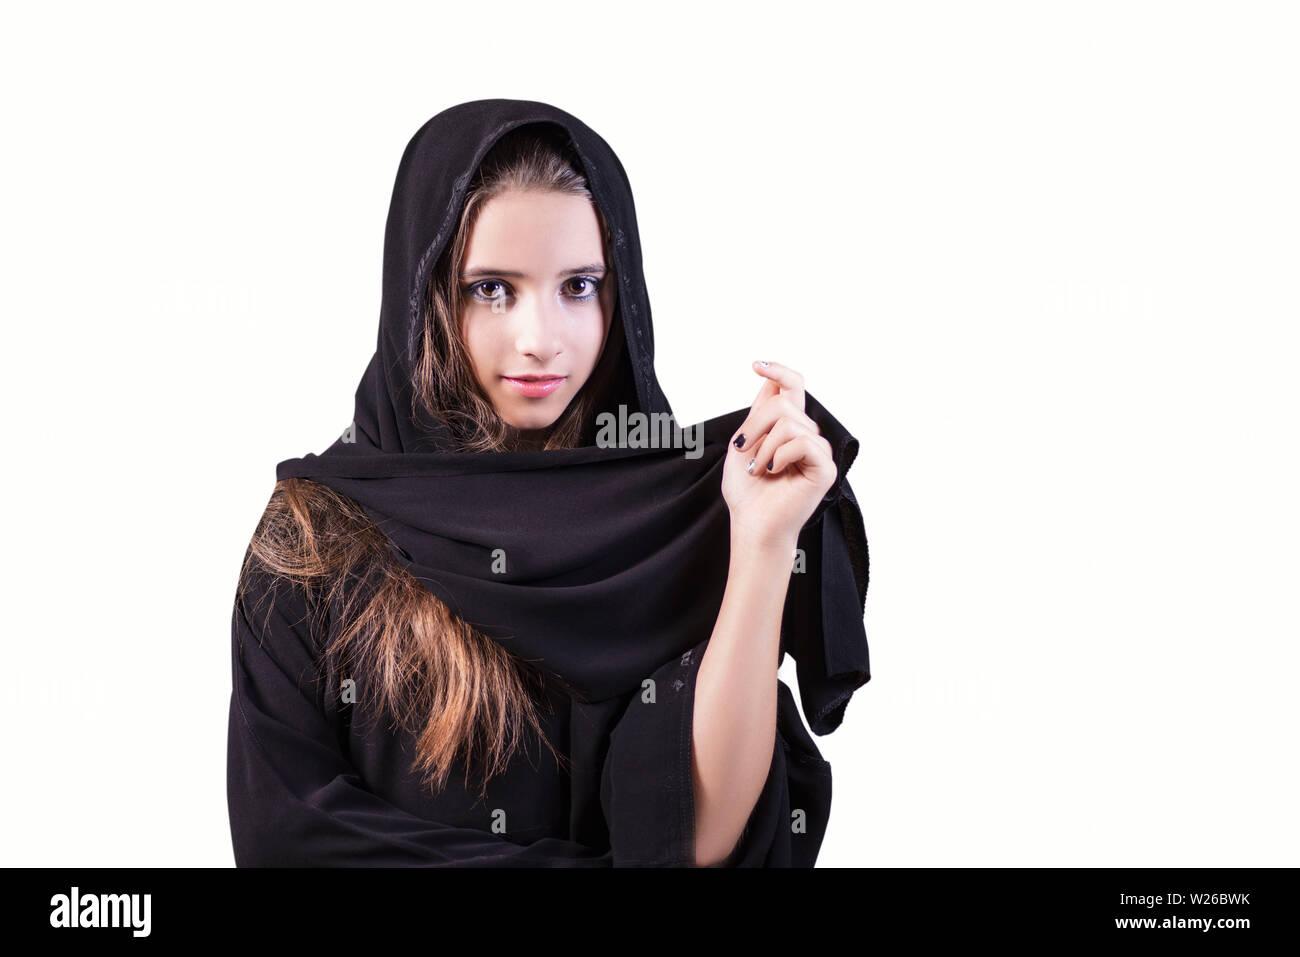 Arabia Saudita ragazza dating WTF Dating sito immagini del profilo